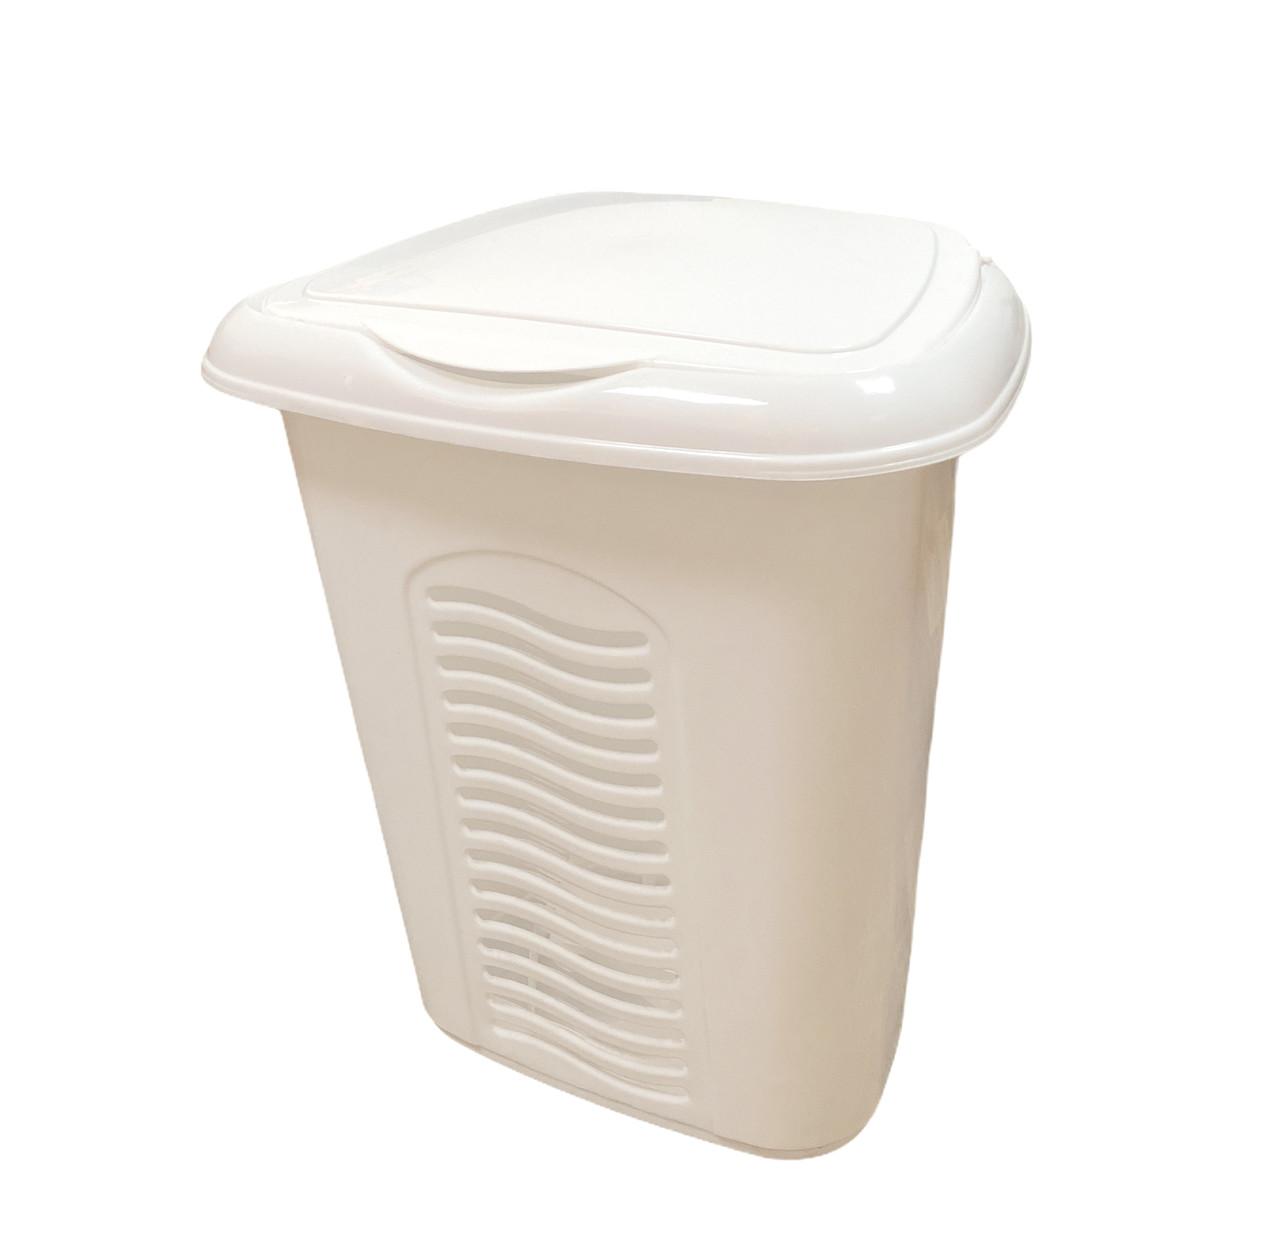 Корзина для белья пластиковая с крышкой стационарная, 40 л Белая